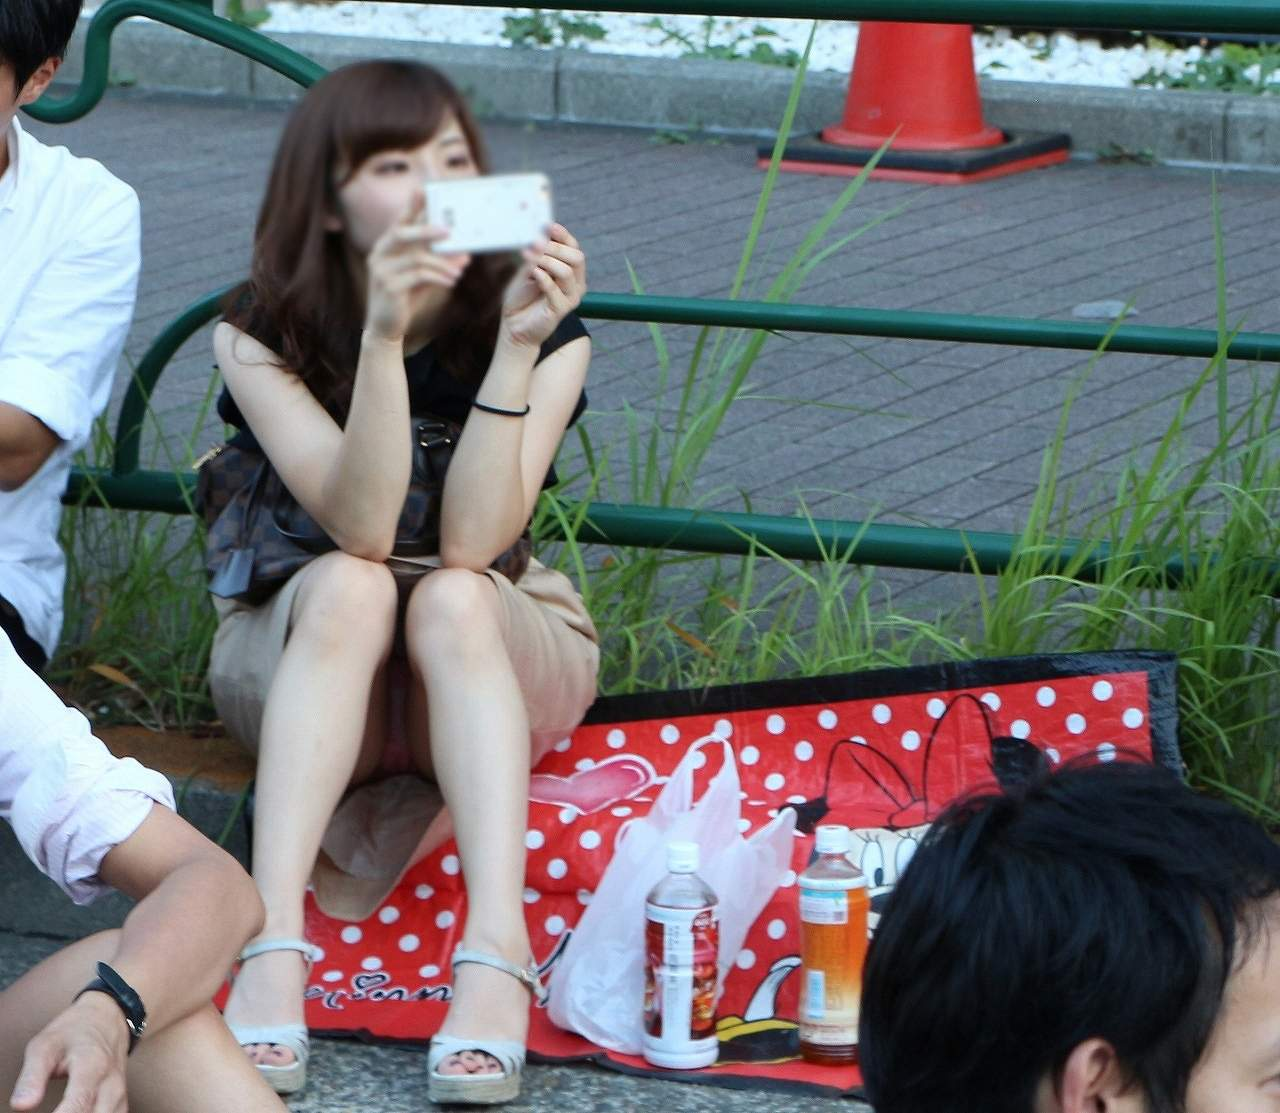 座りパンチラ_素人_盗撮_エロ画像_19